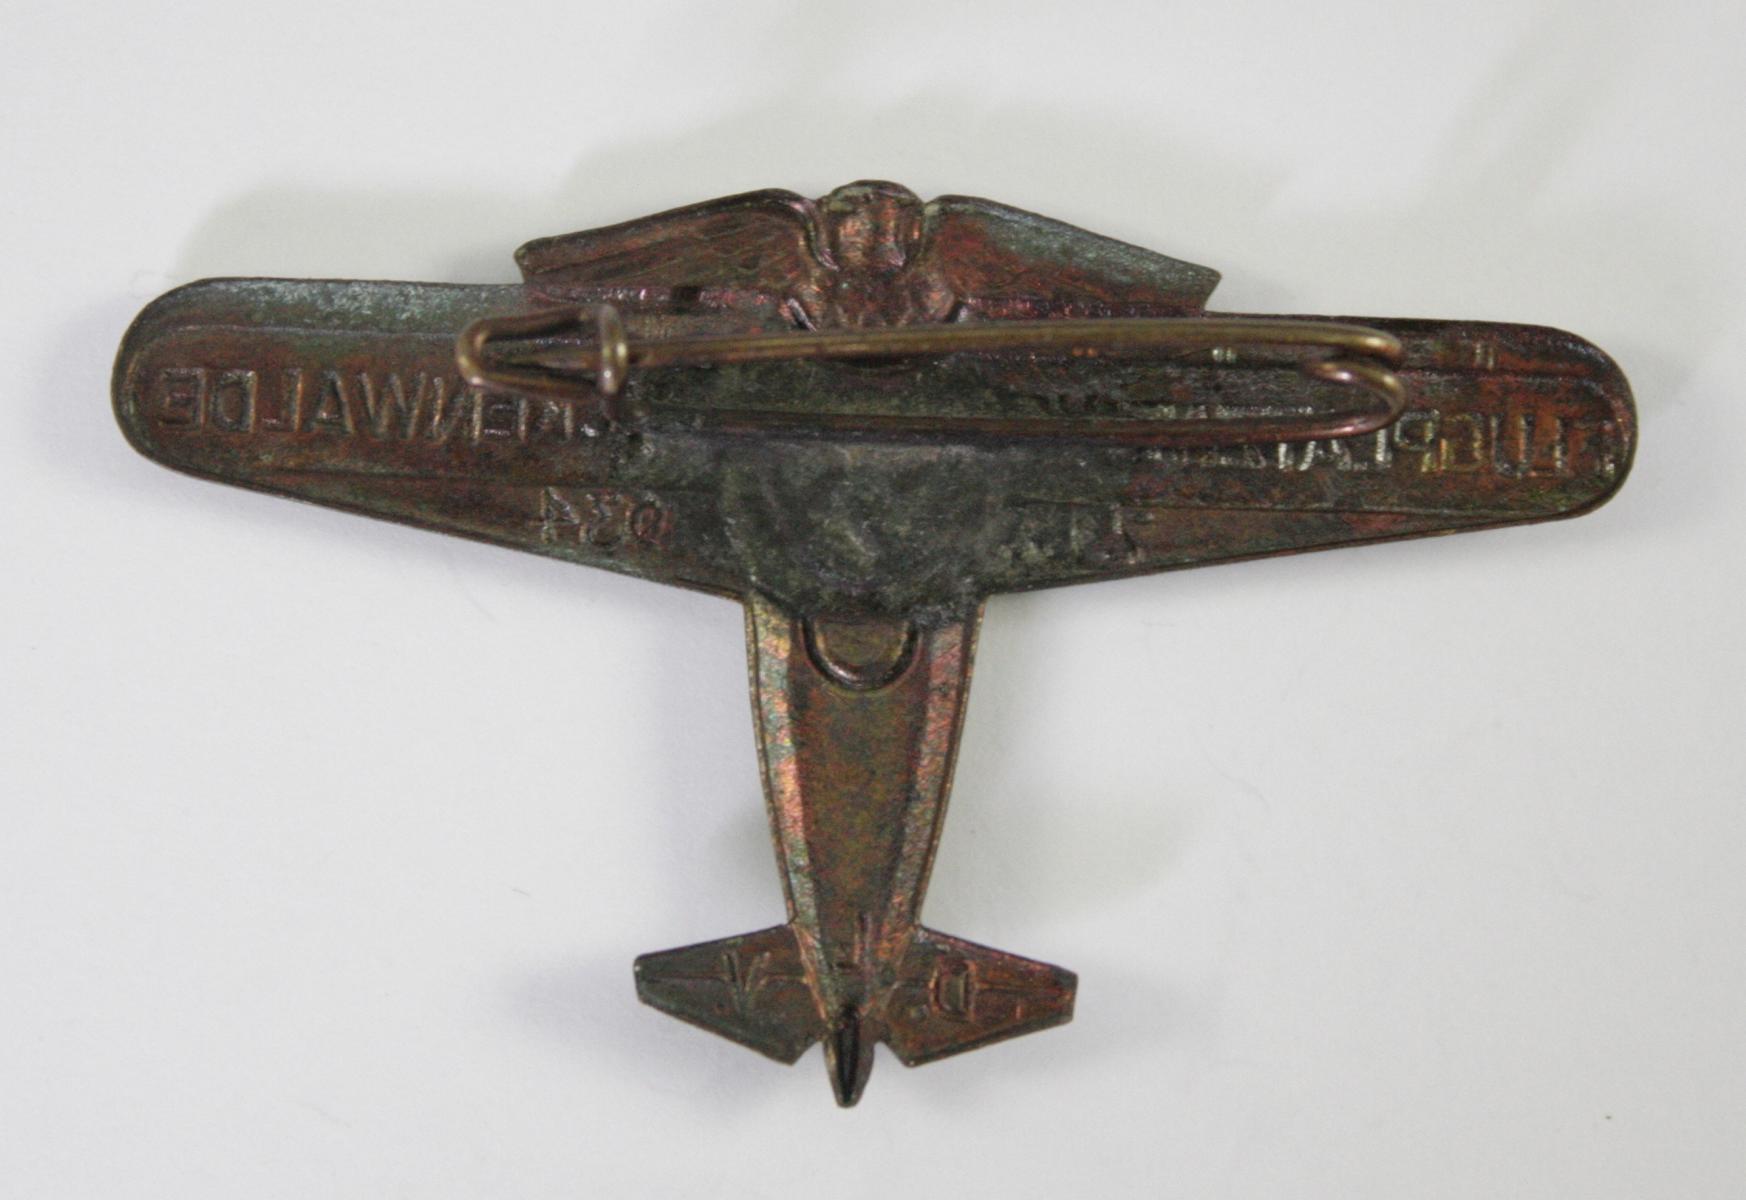 Veranstaltungsabzeichen, Flugplatzweihe Luckenwalde 1934-2